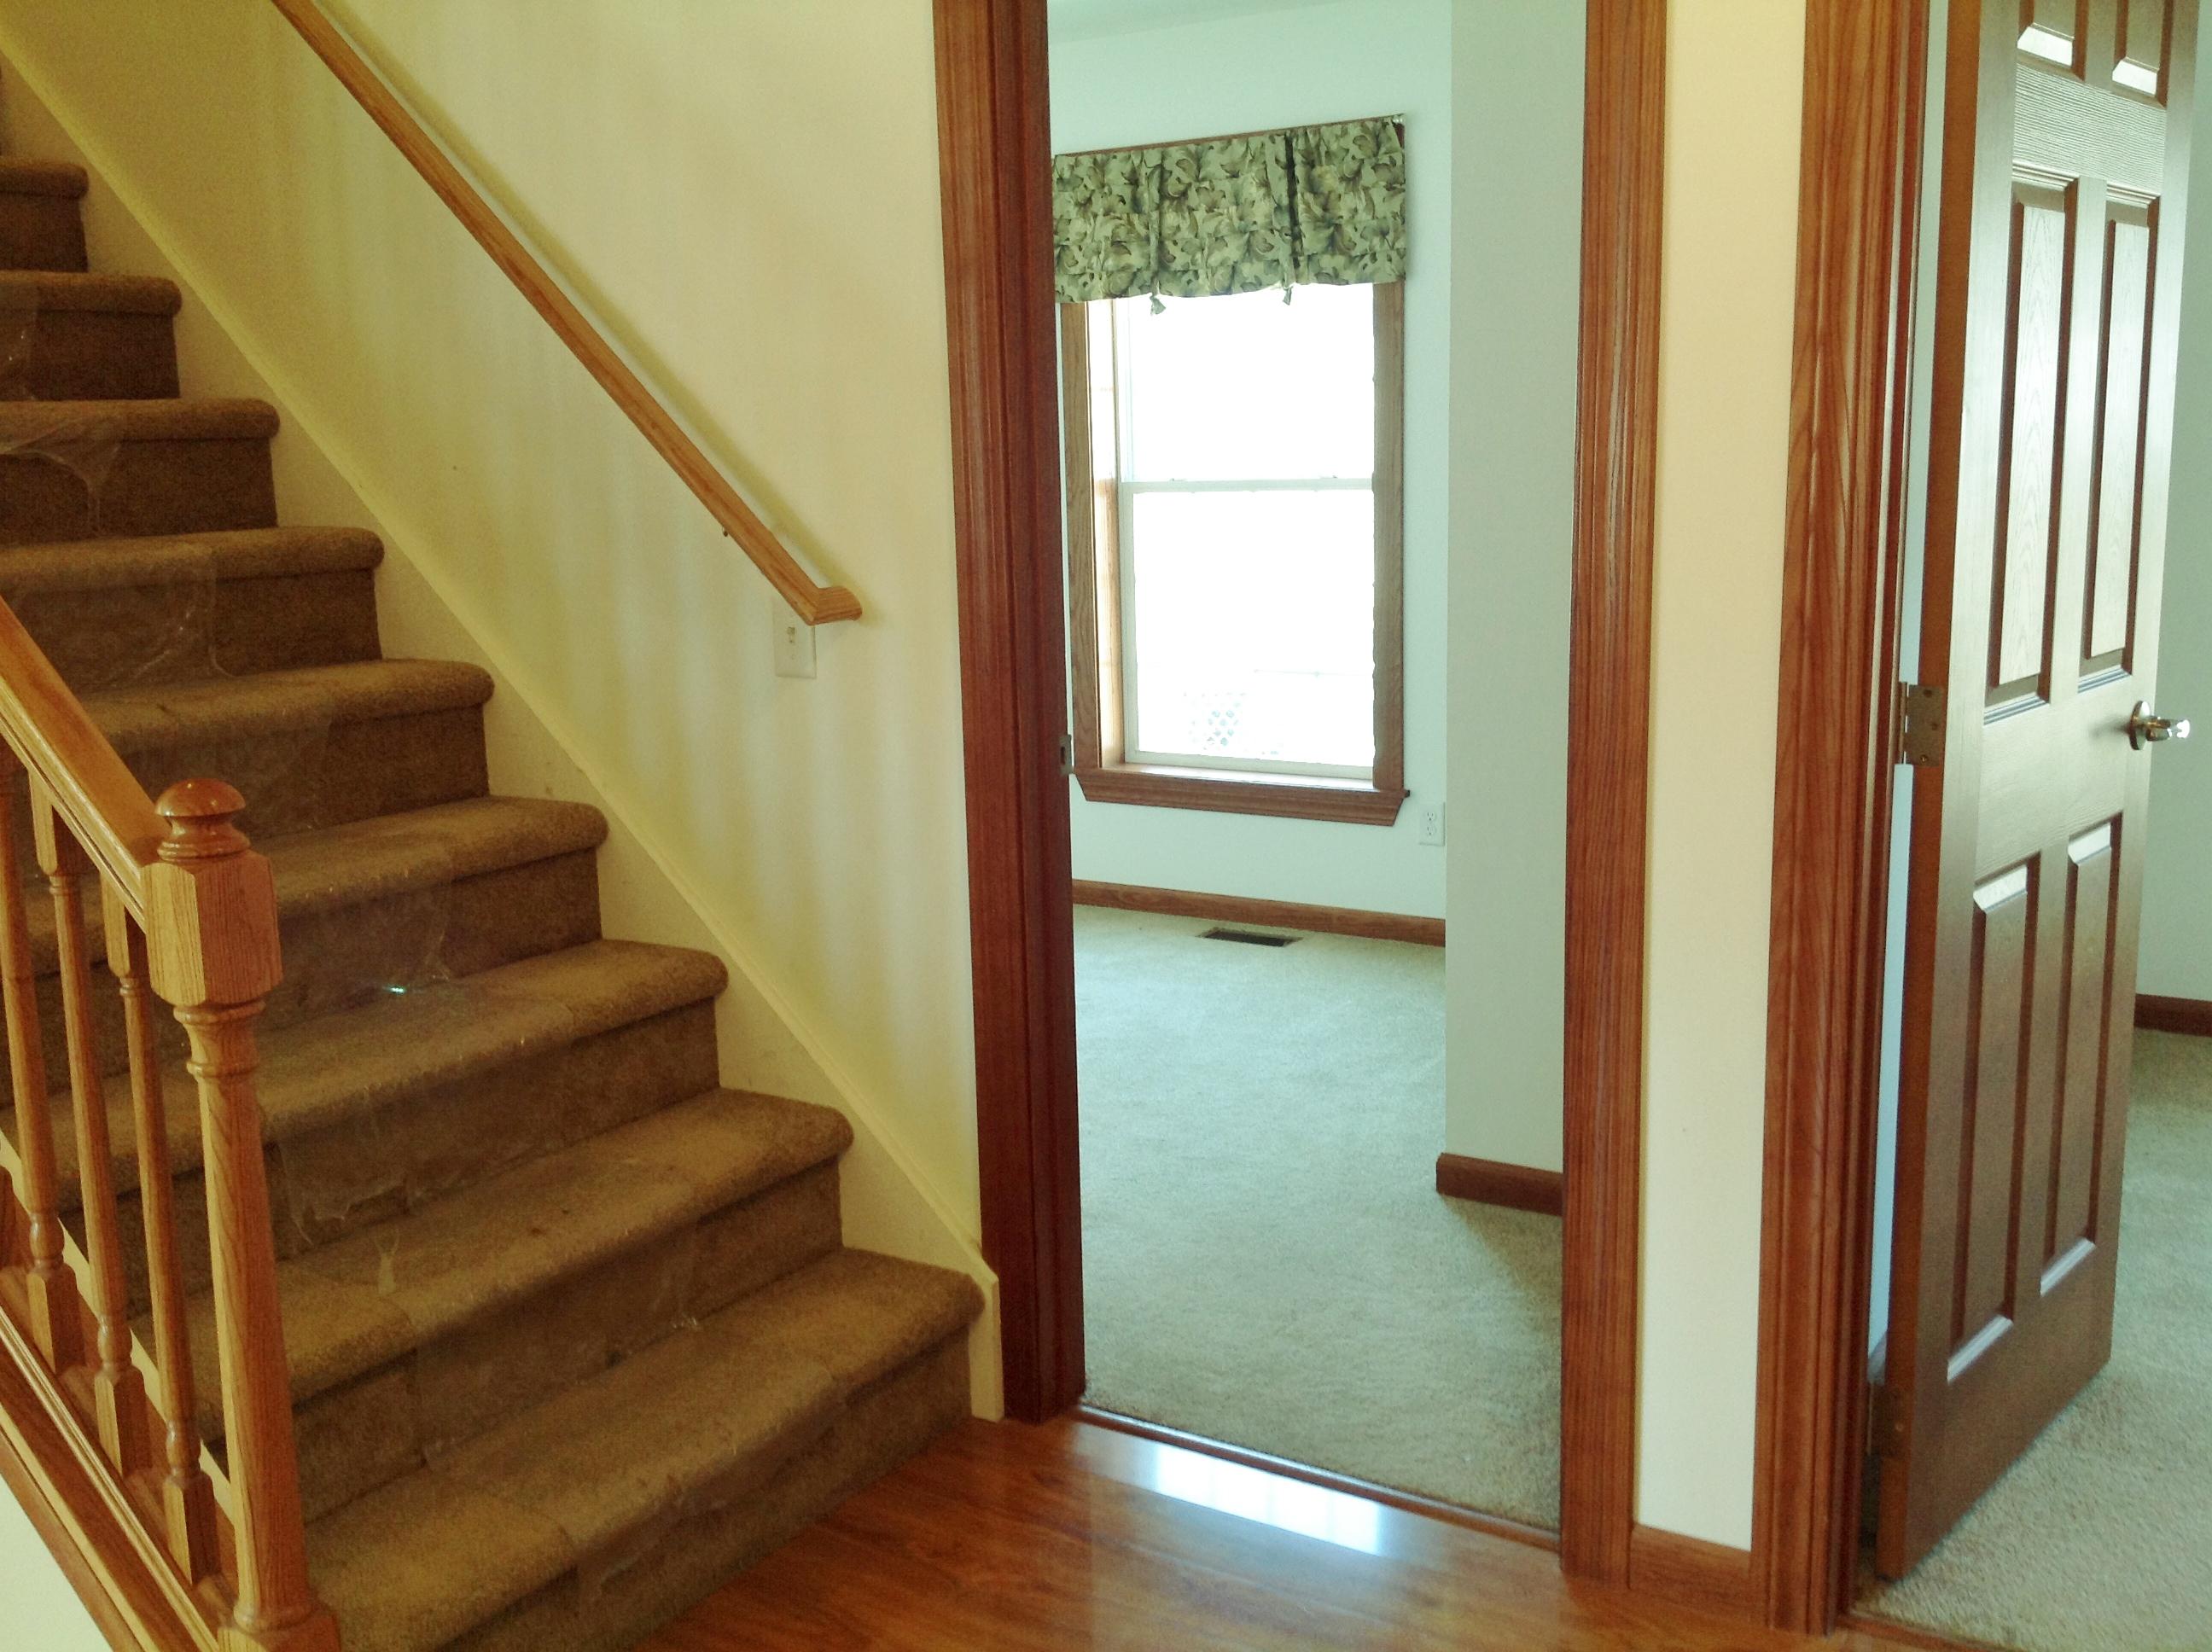 Split bedroom floor plan.  Bedroom 2 and 3.